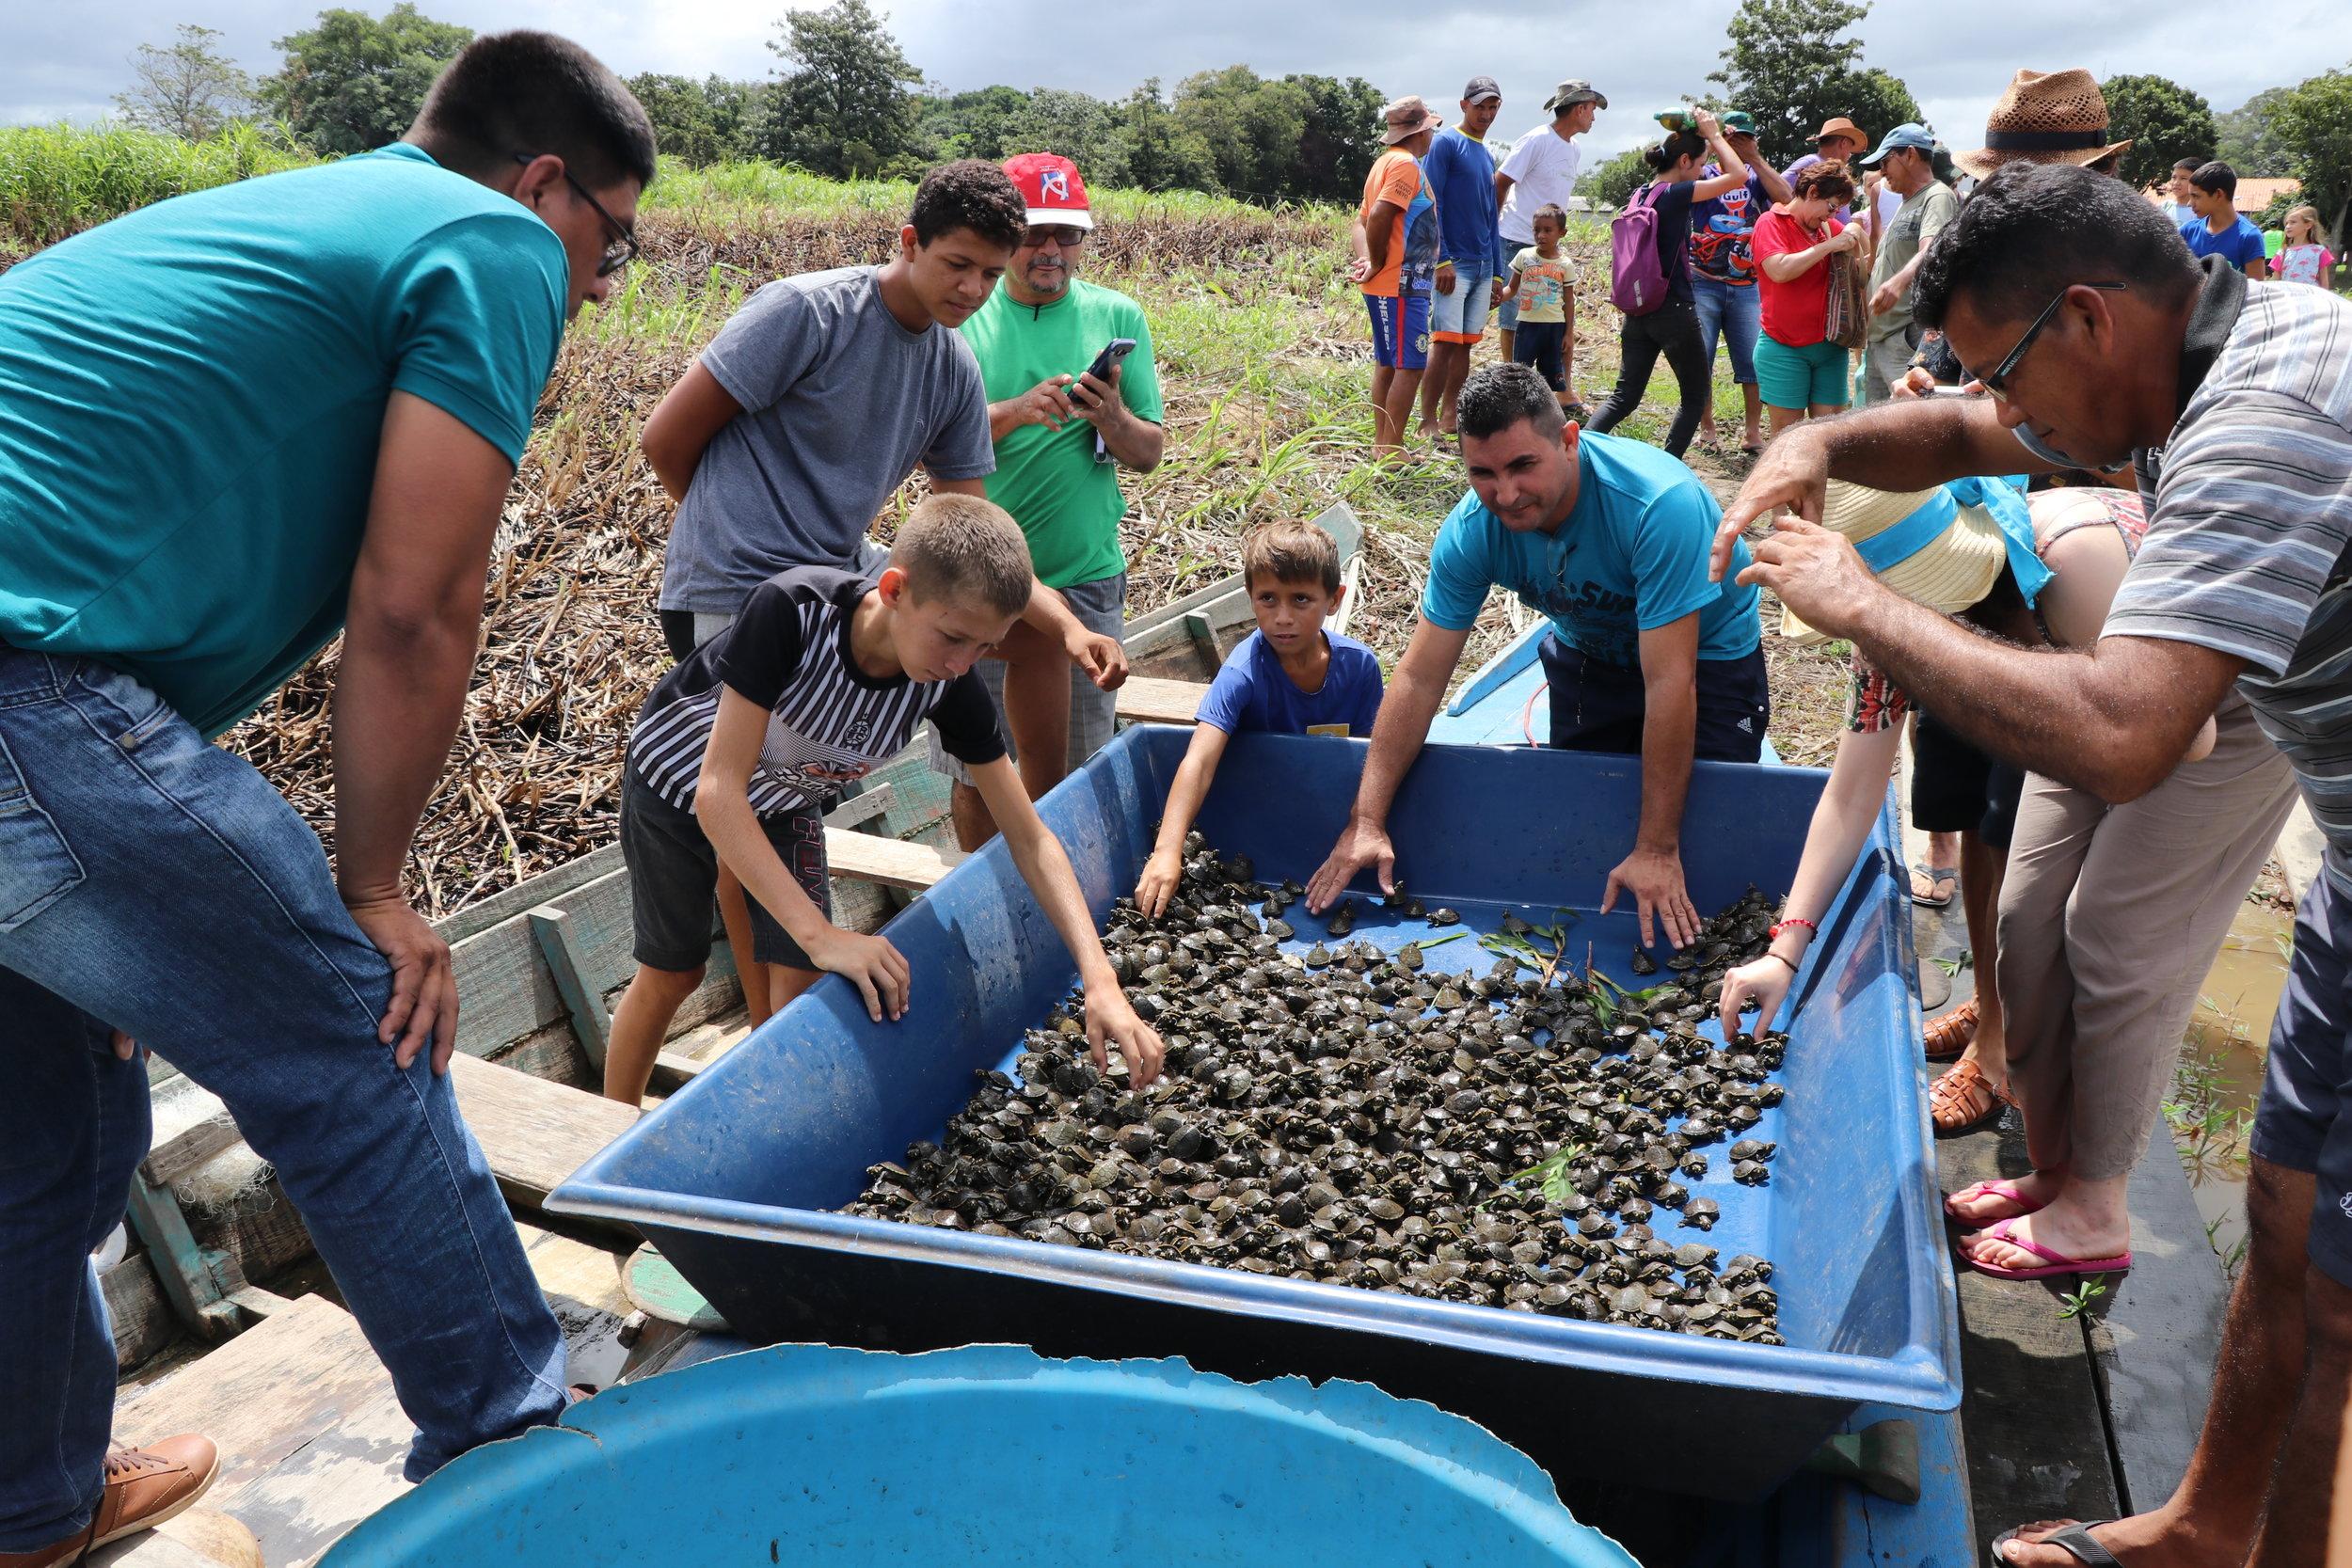 Comunidade Água preta: soltura em janeiro de 2018